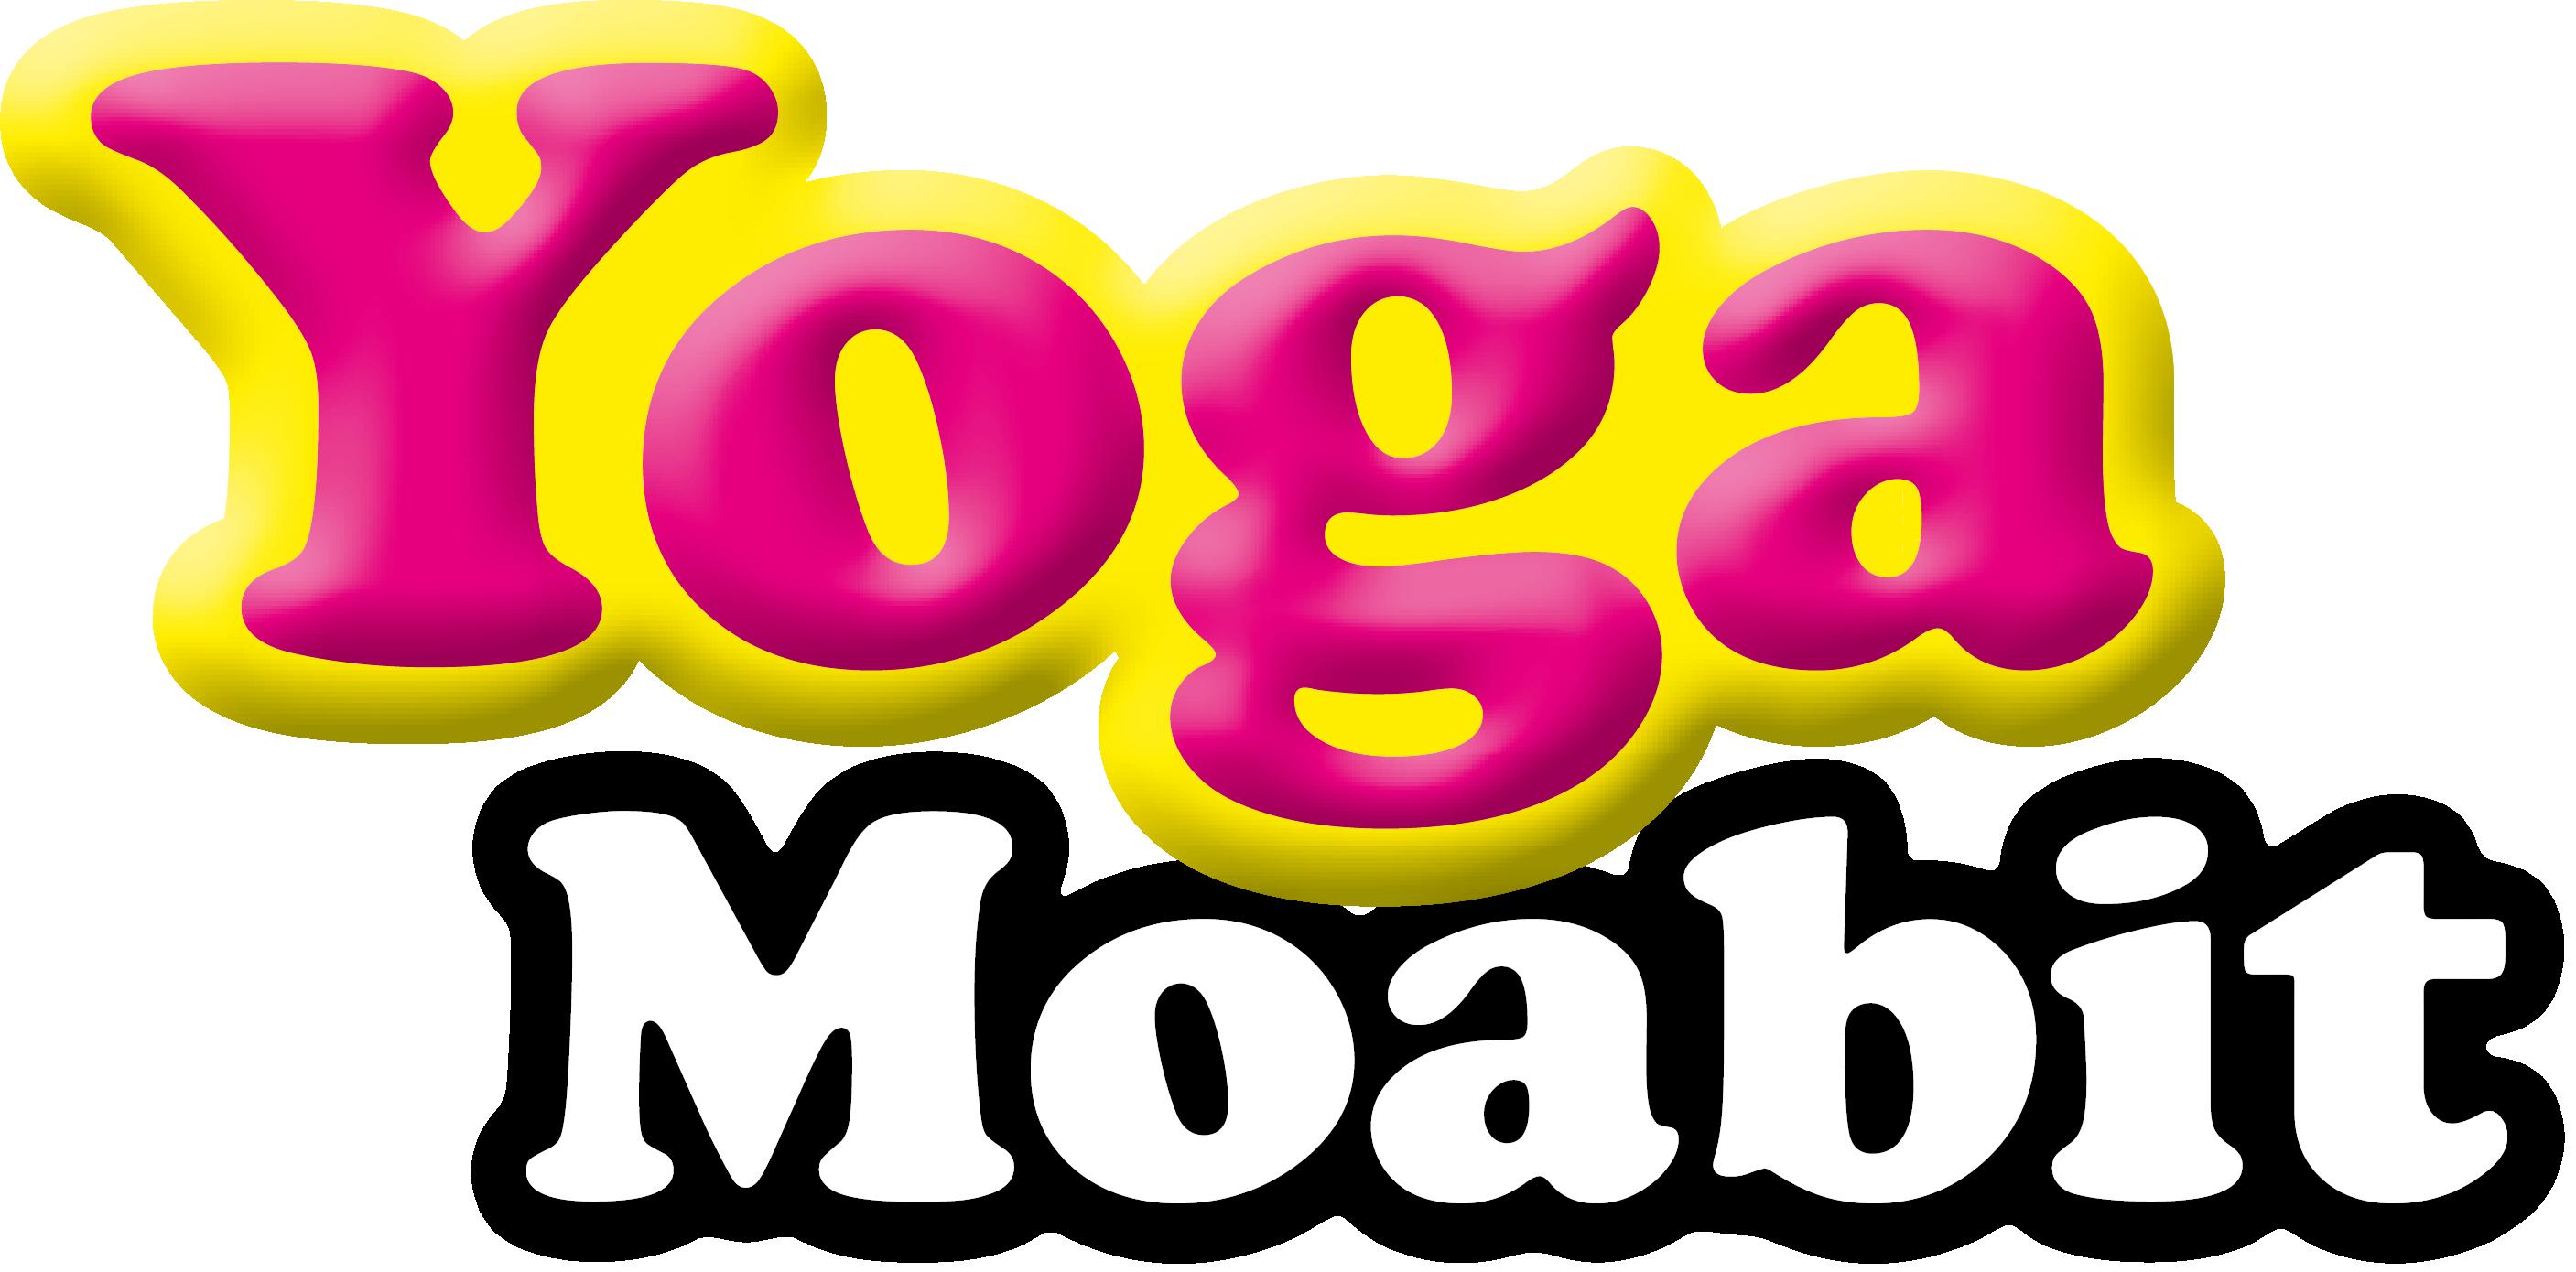 YogaMoabit, dein Yoga, wann und wo du willst. :-)